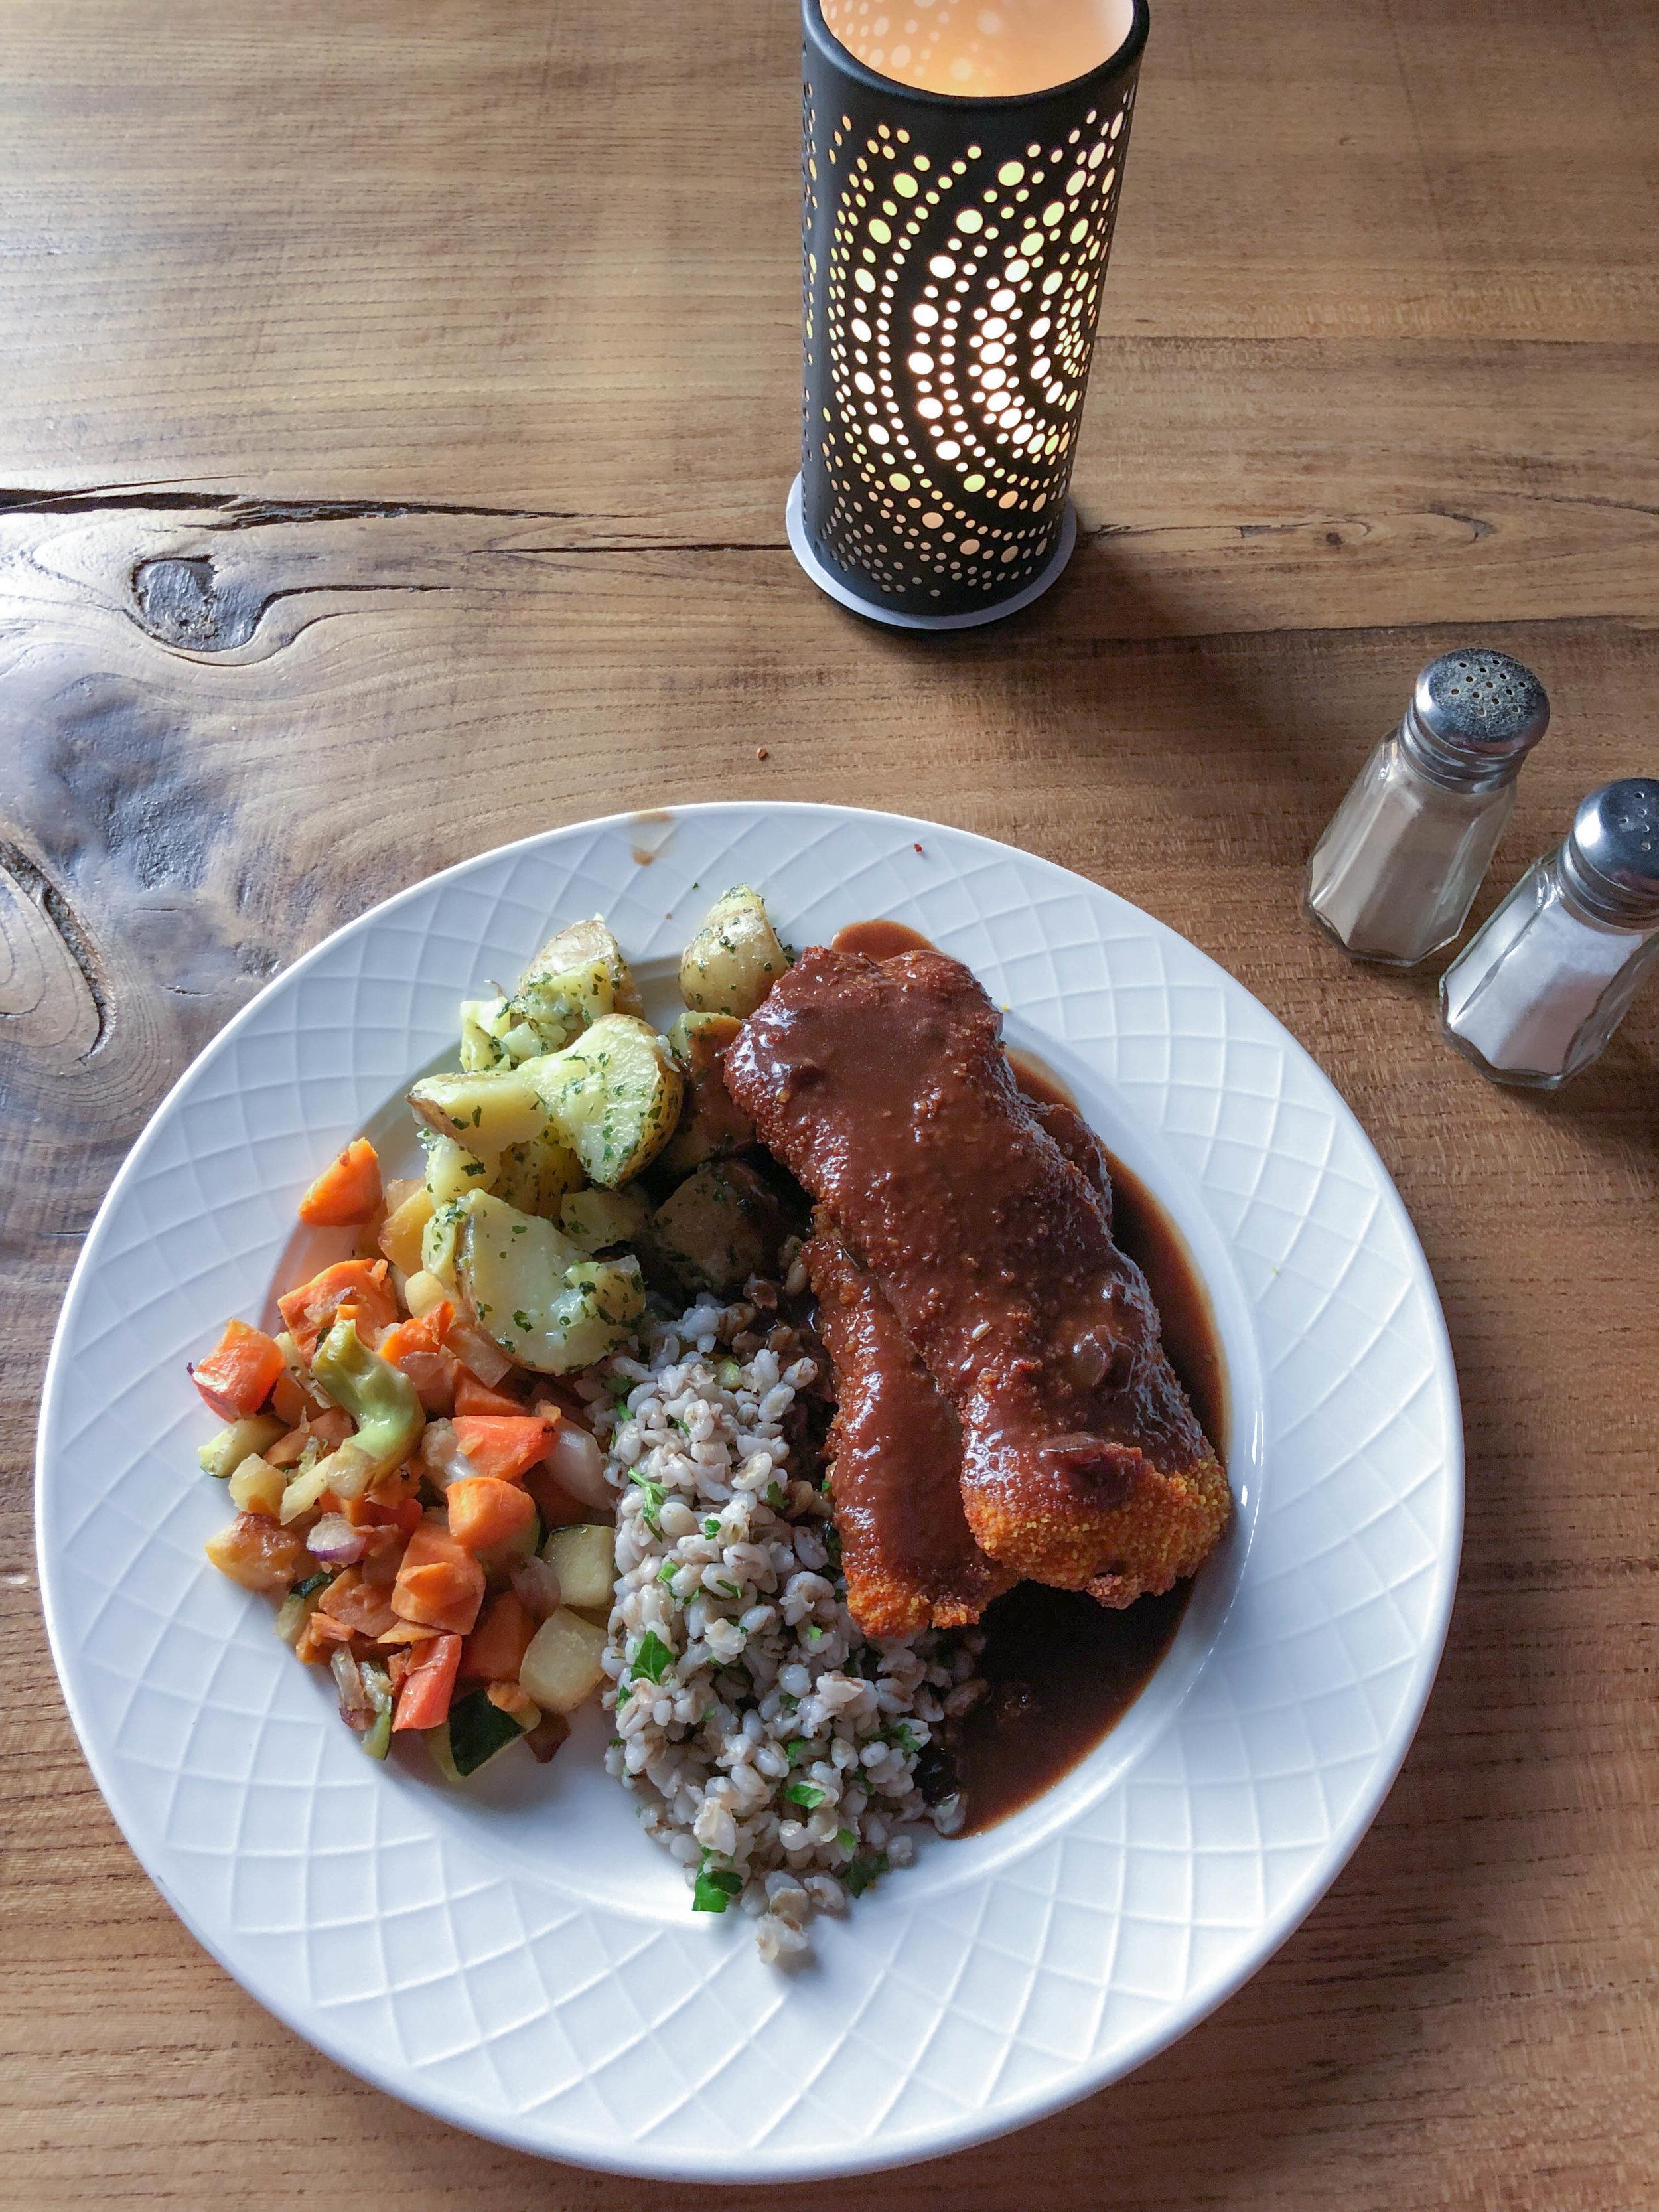 Schnitzel and veggies